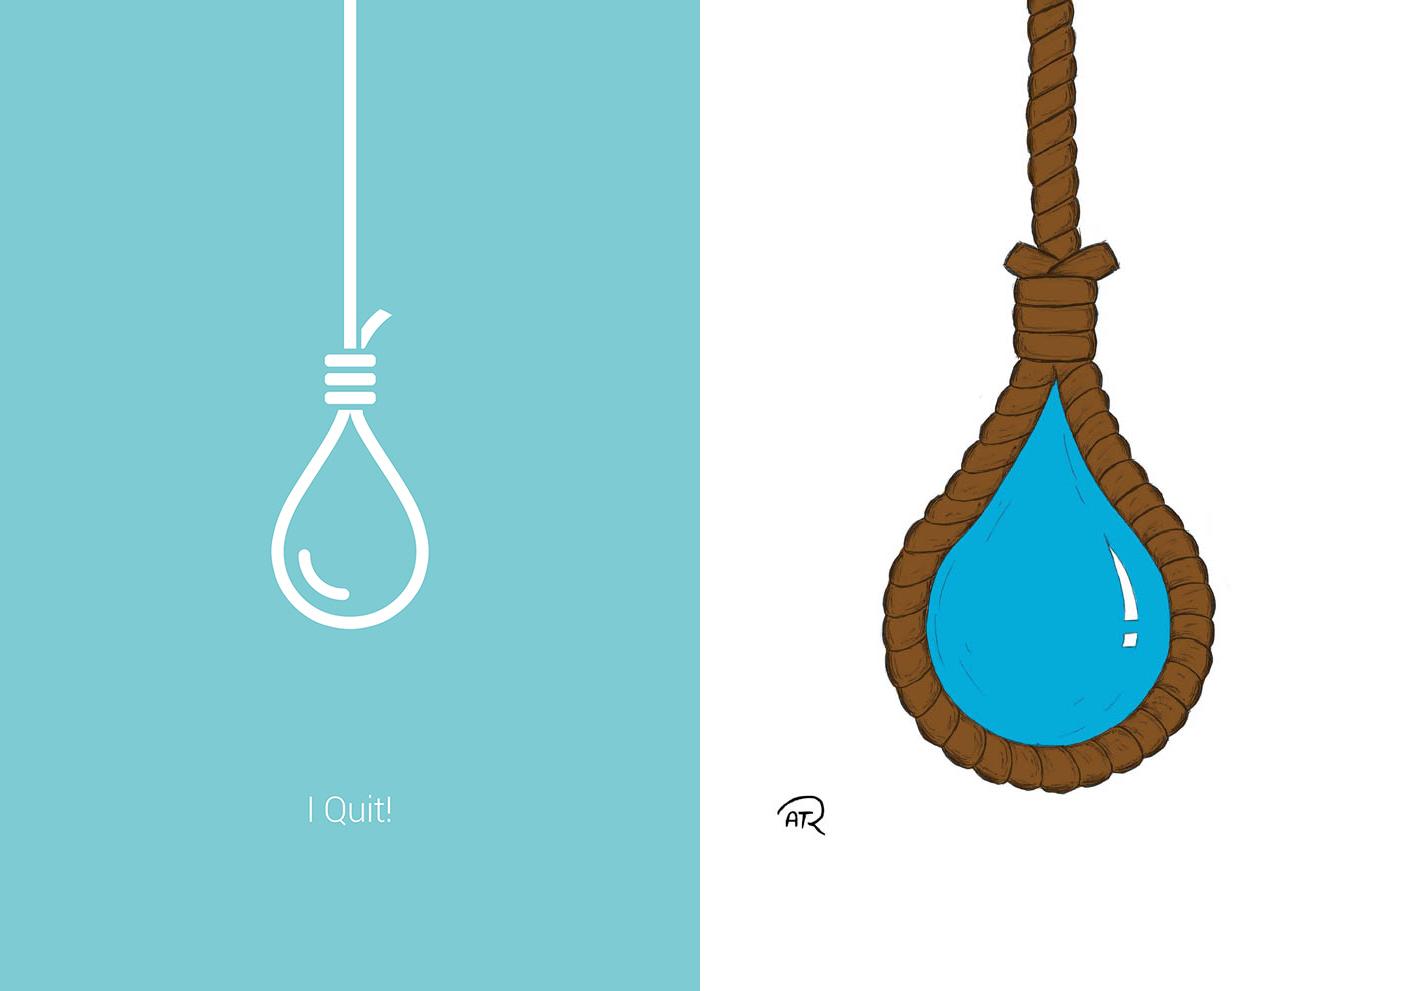 دو طرح از یک قطرهی آب که با طناب، حلقآویز شده